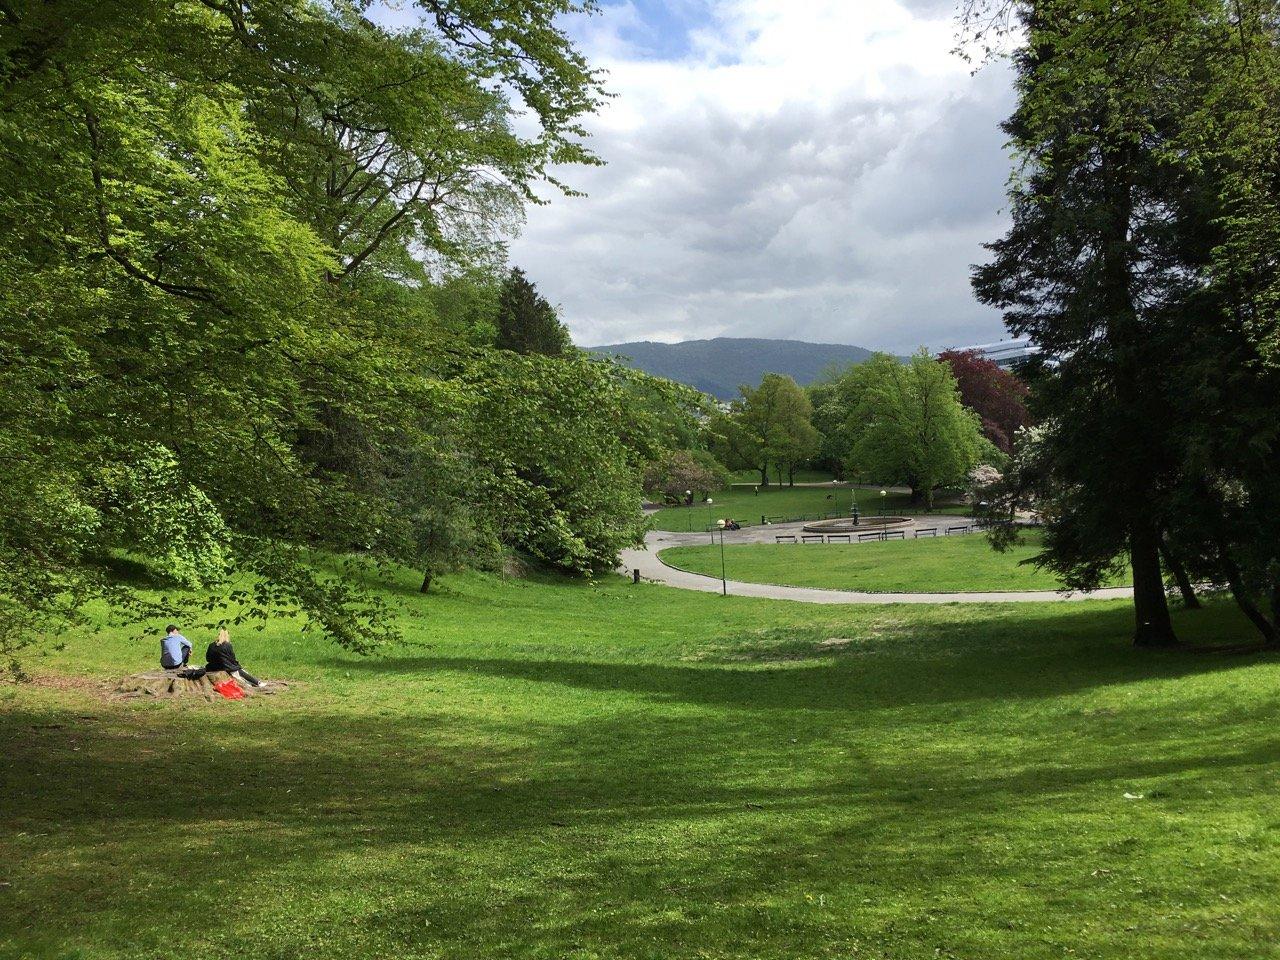 Nygårdsparken park, Møhlenpris - photo